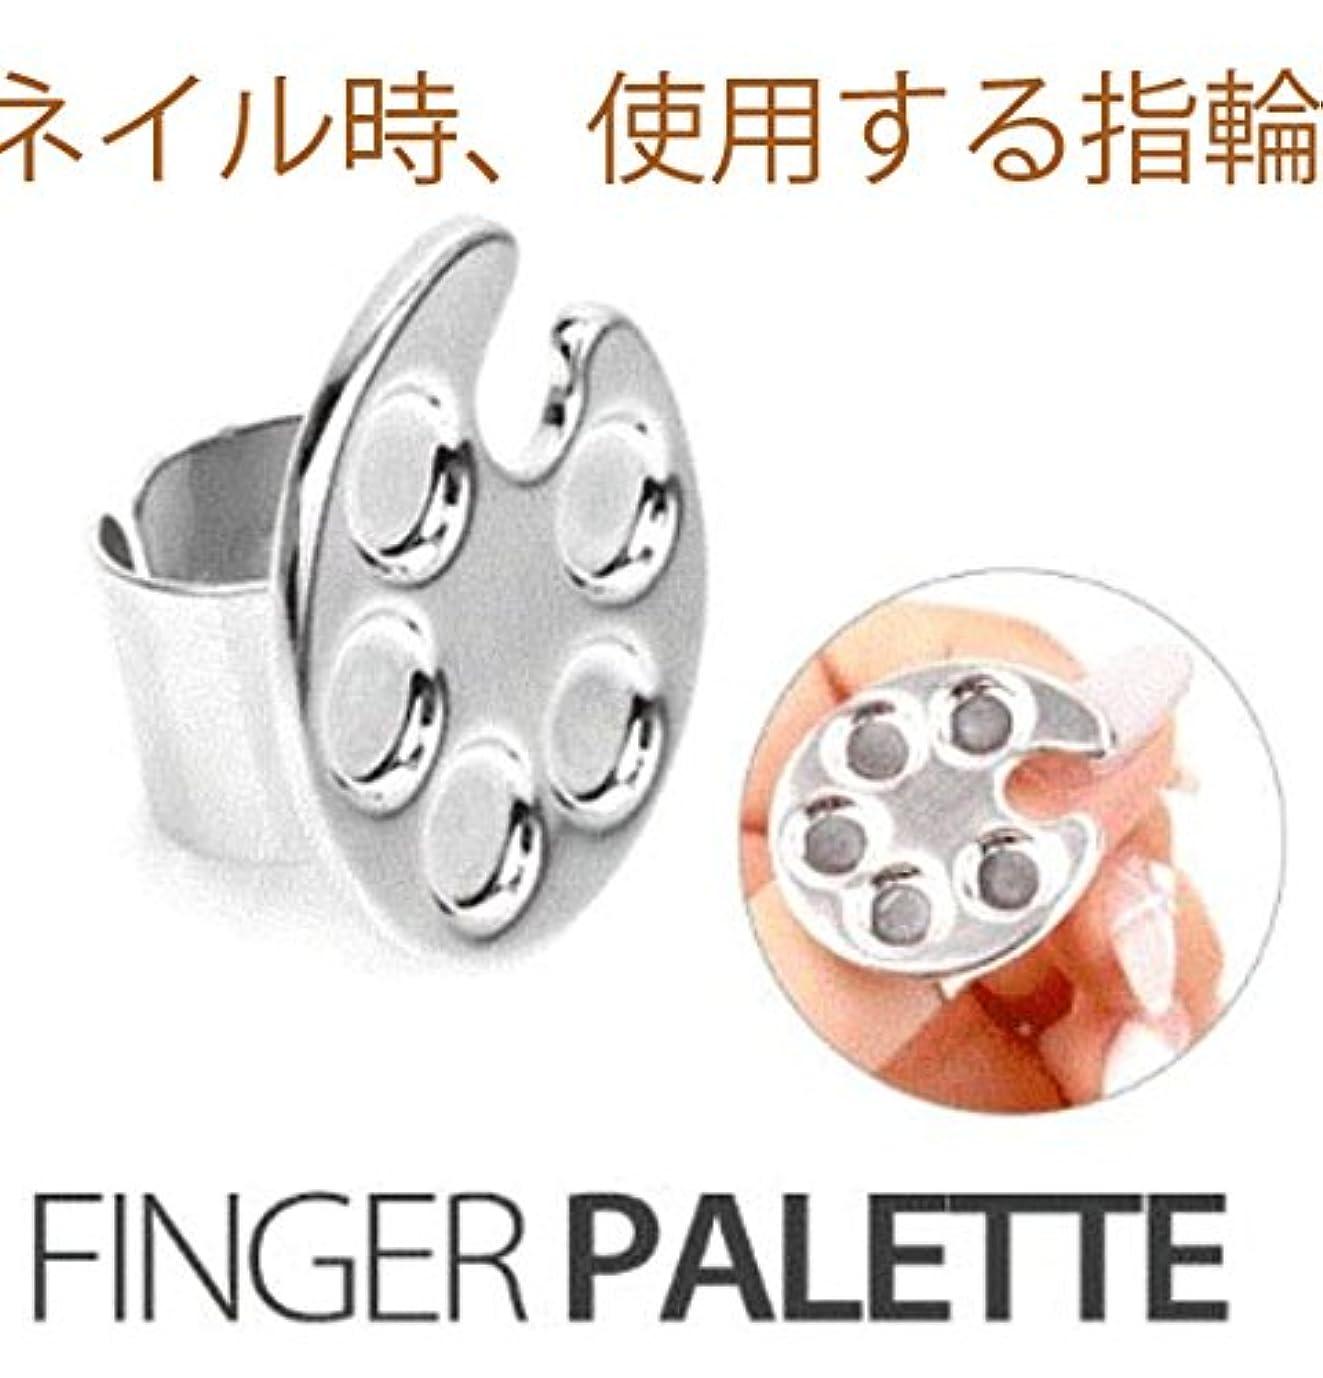 マーチャンダイジング従順天気ネイルアートが楽になる、、ネイル時、使用する可愛いパレット指輪